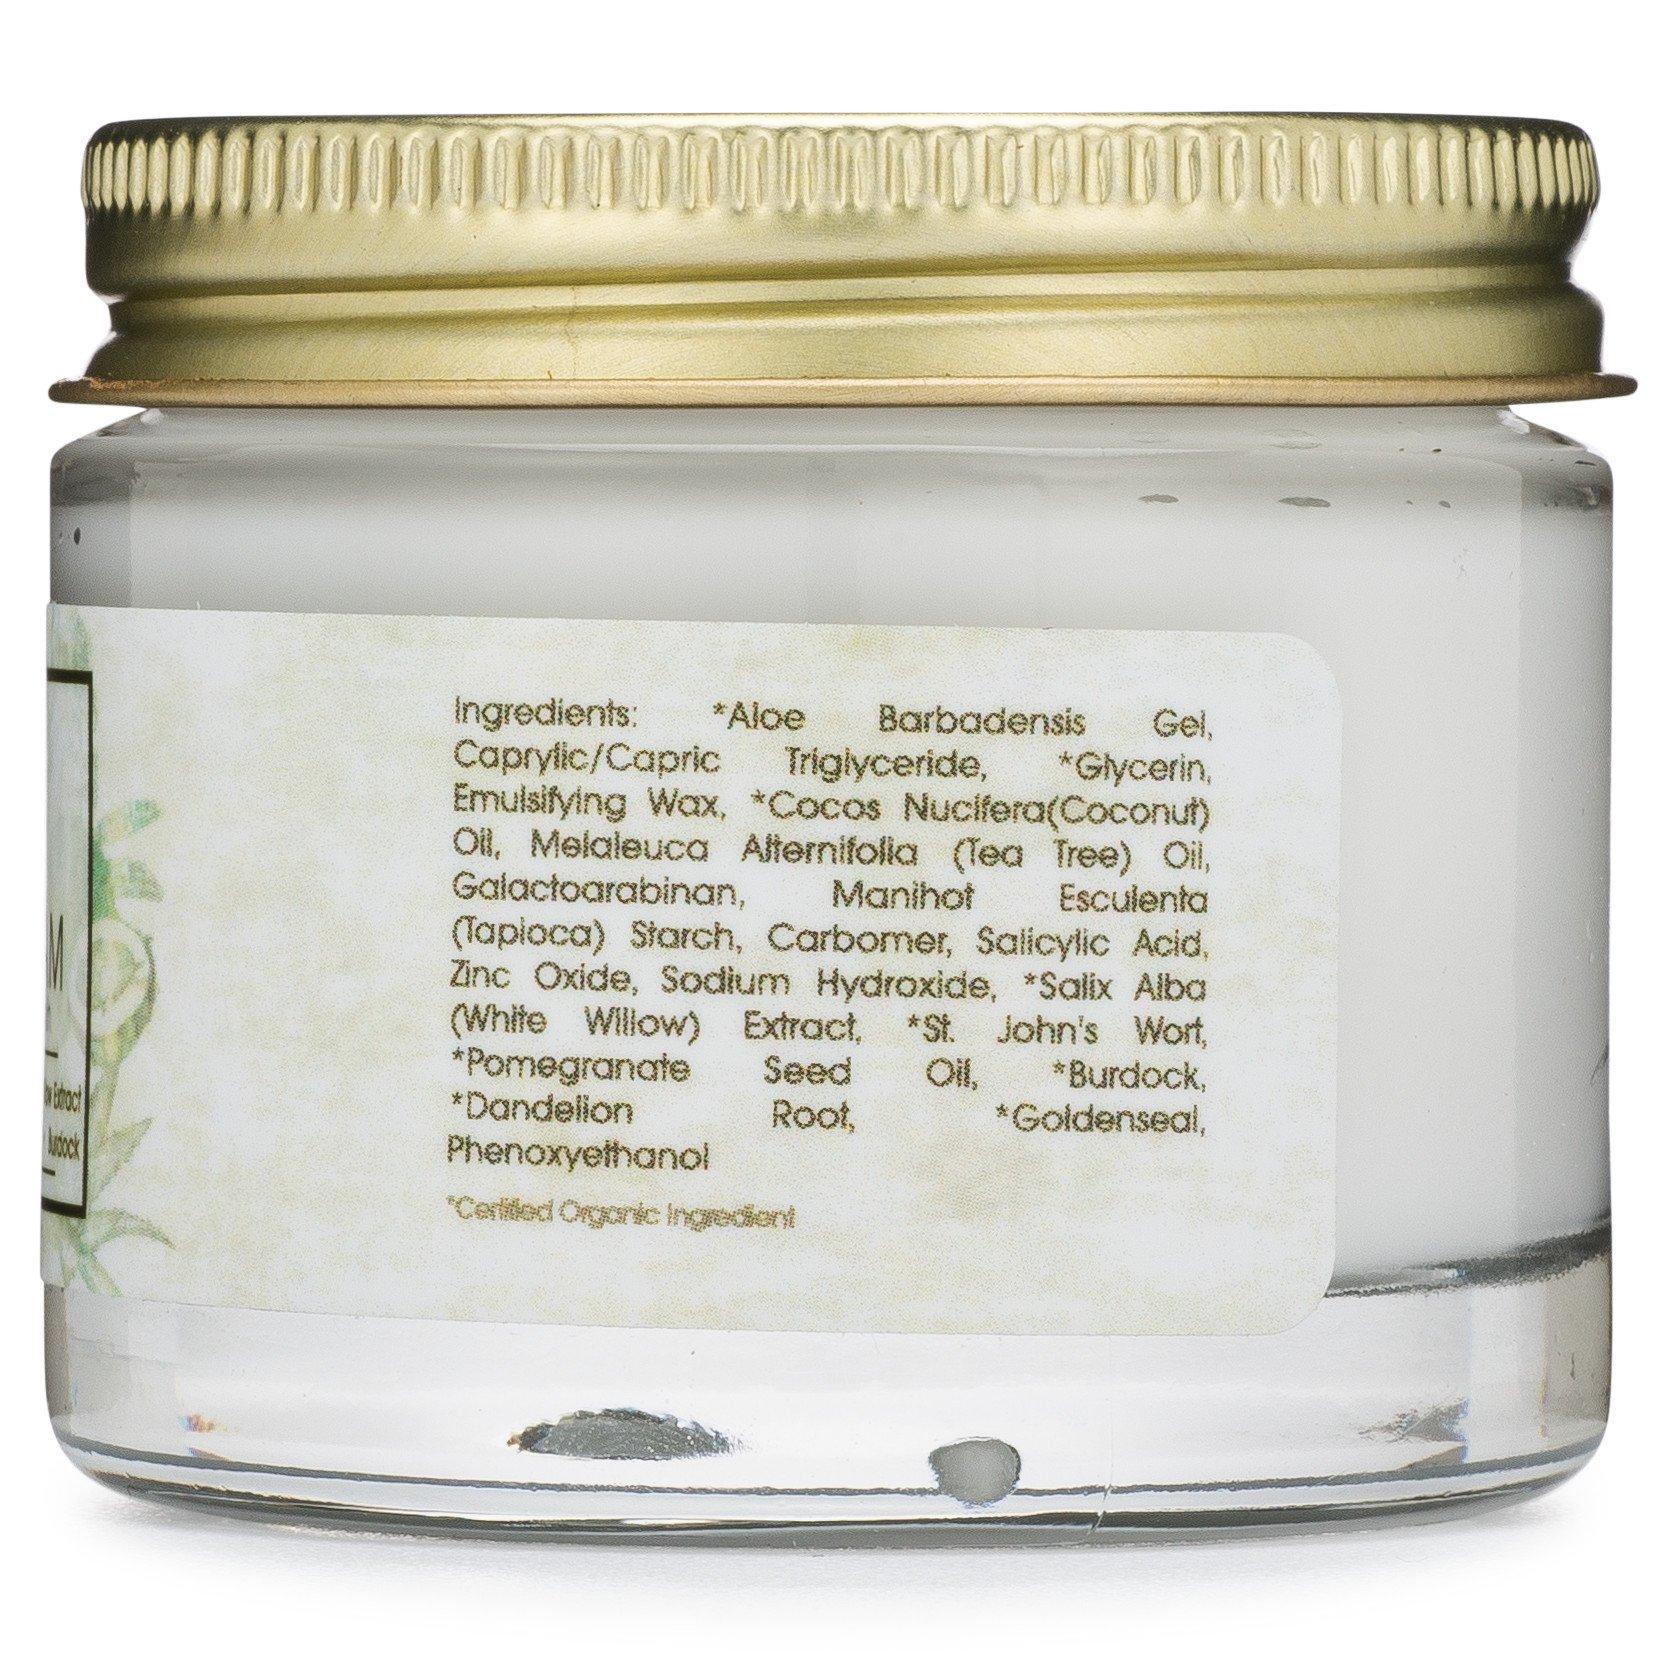 Burdock root facial cream